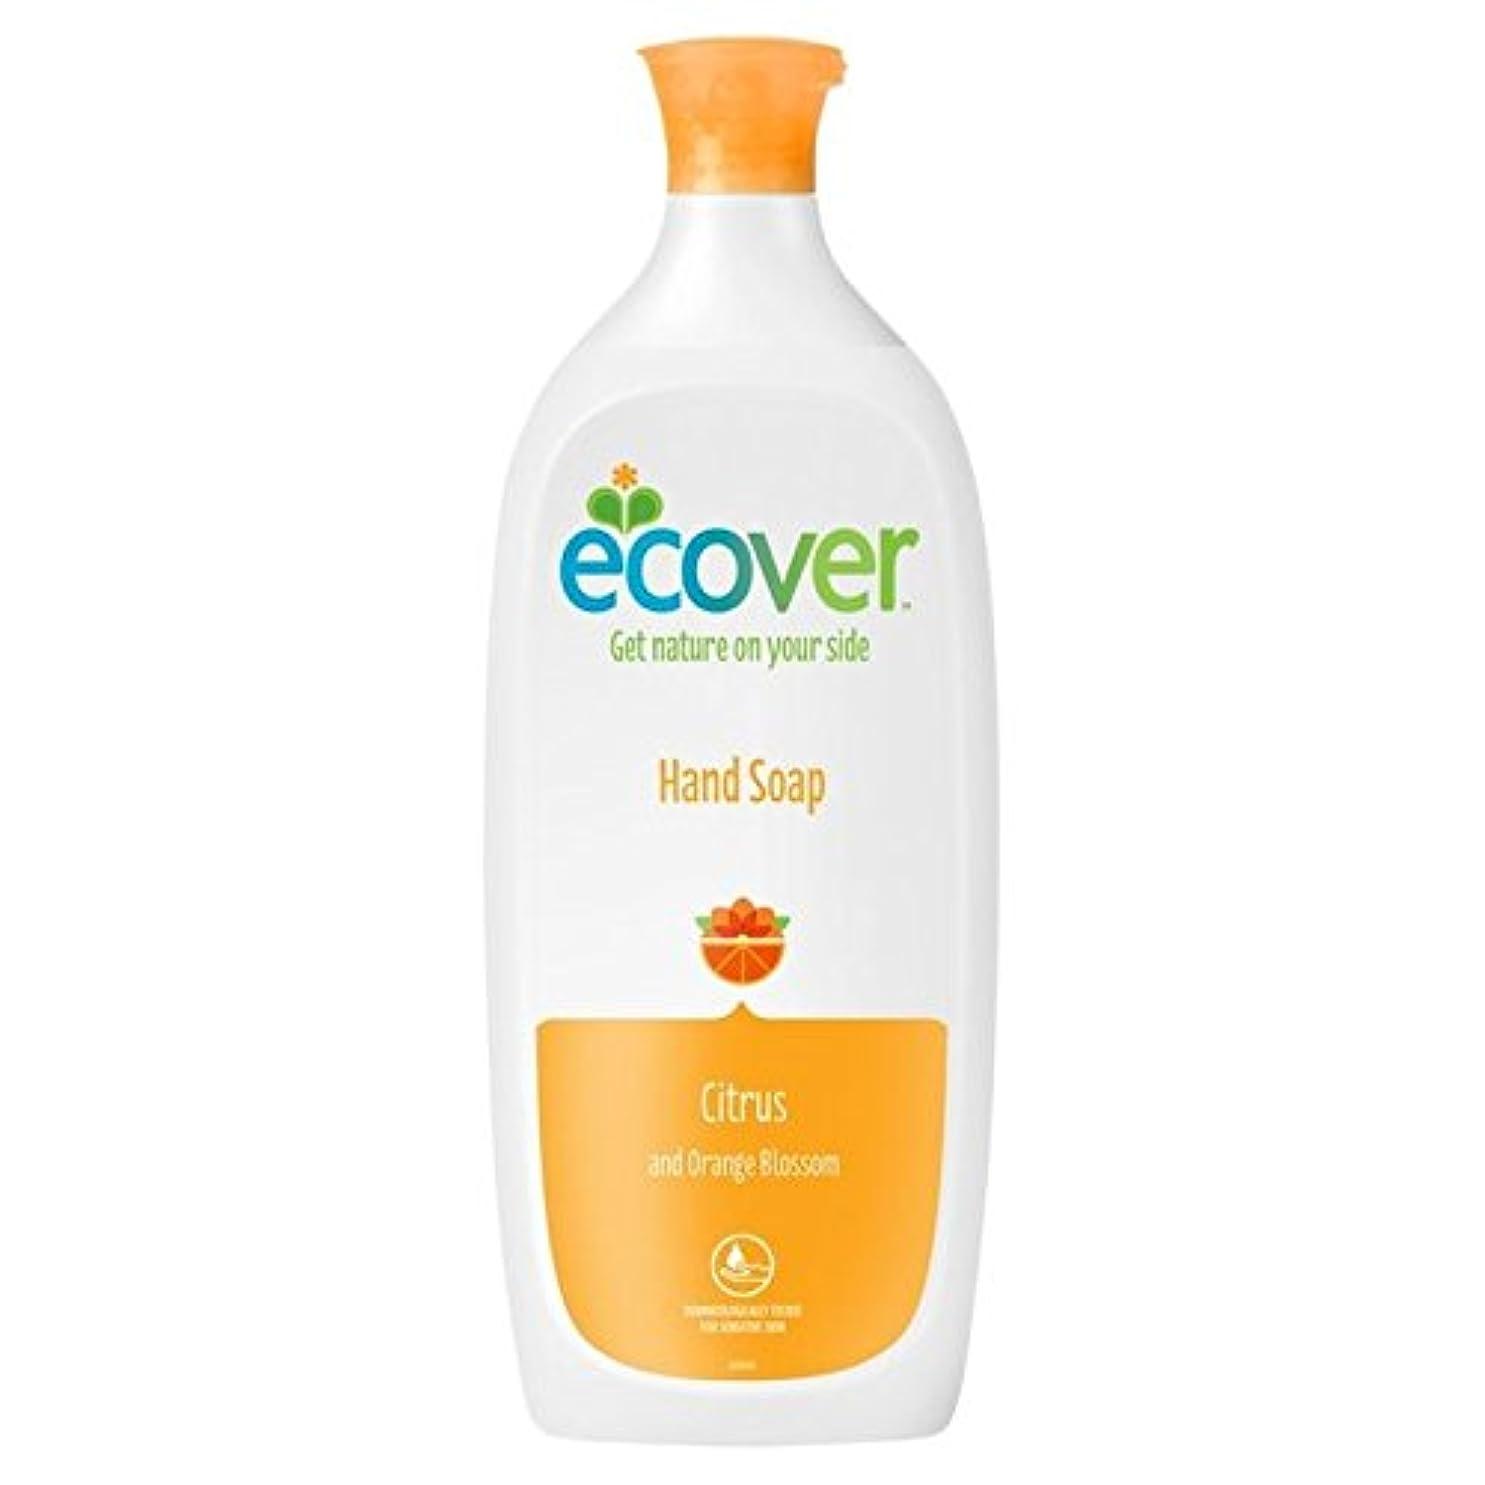 最悪主人ガソリンEcover Liquid Soap Citrus & Orange Blossom Refill 1L (Pack of 6) - エコベール液体石鹸シトラス&オレンジの花のリフィル1リットル x6 [並行輸入品]